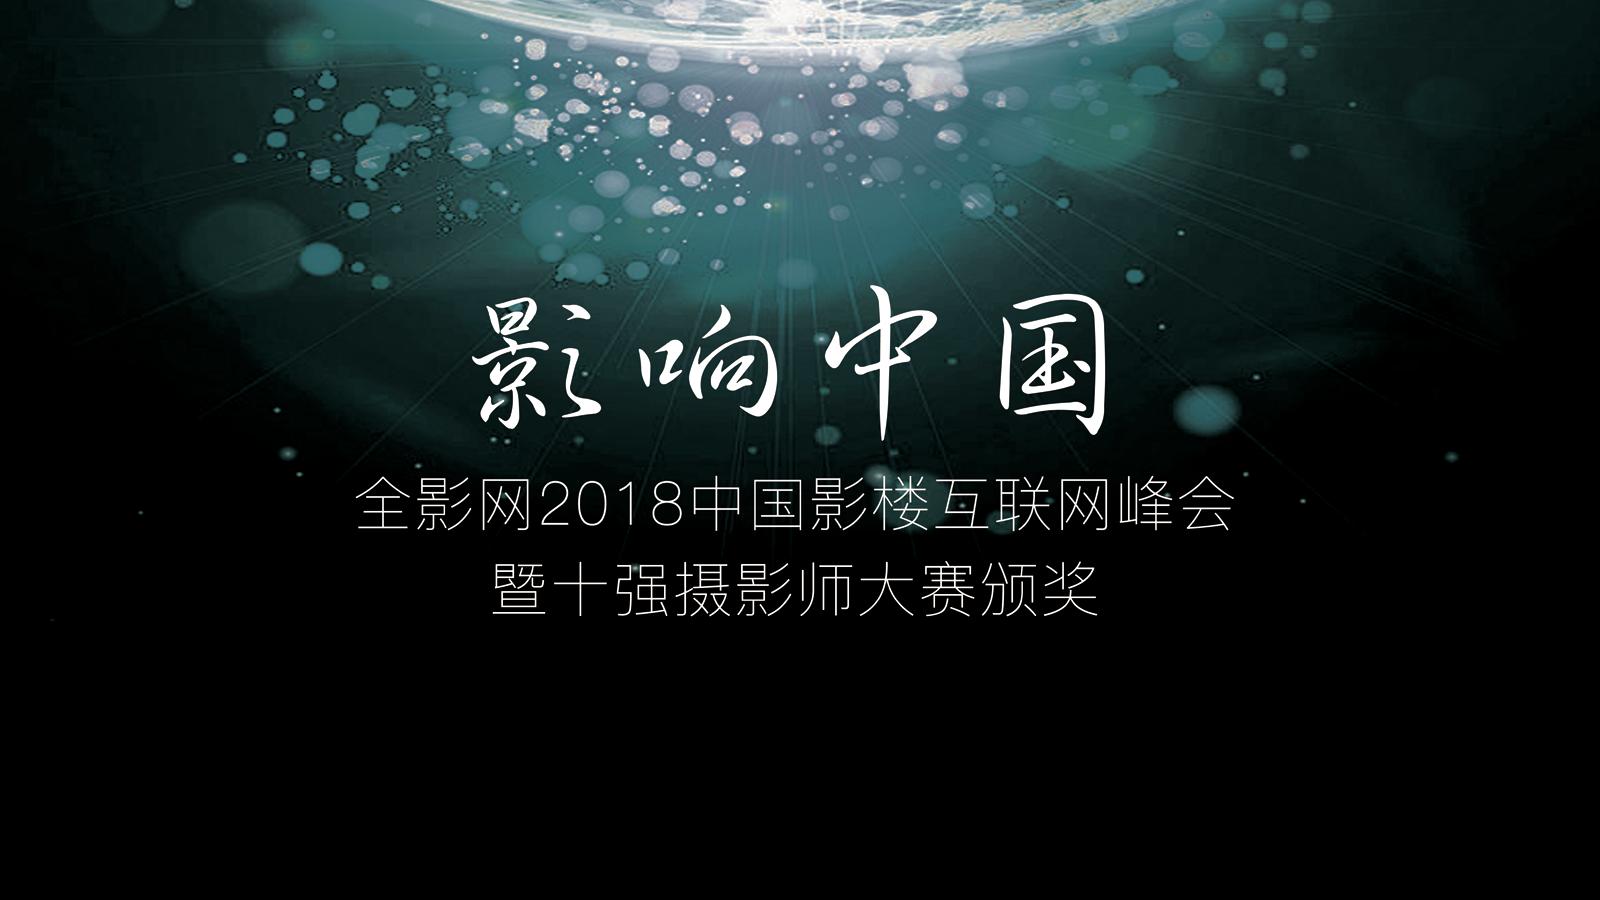 全国十大摄影师在上海举行了颁奖典礼